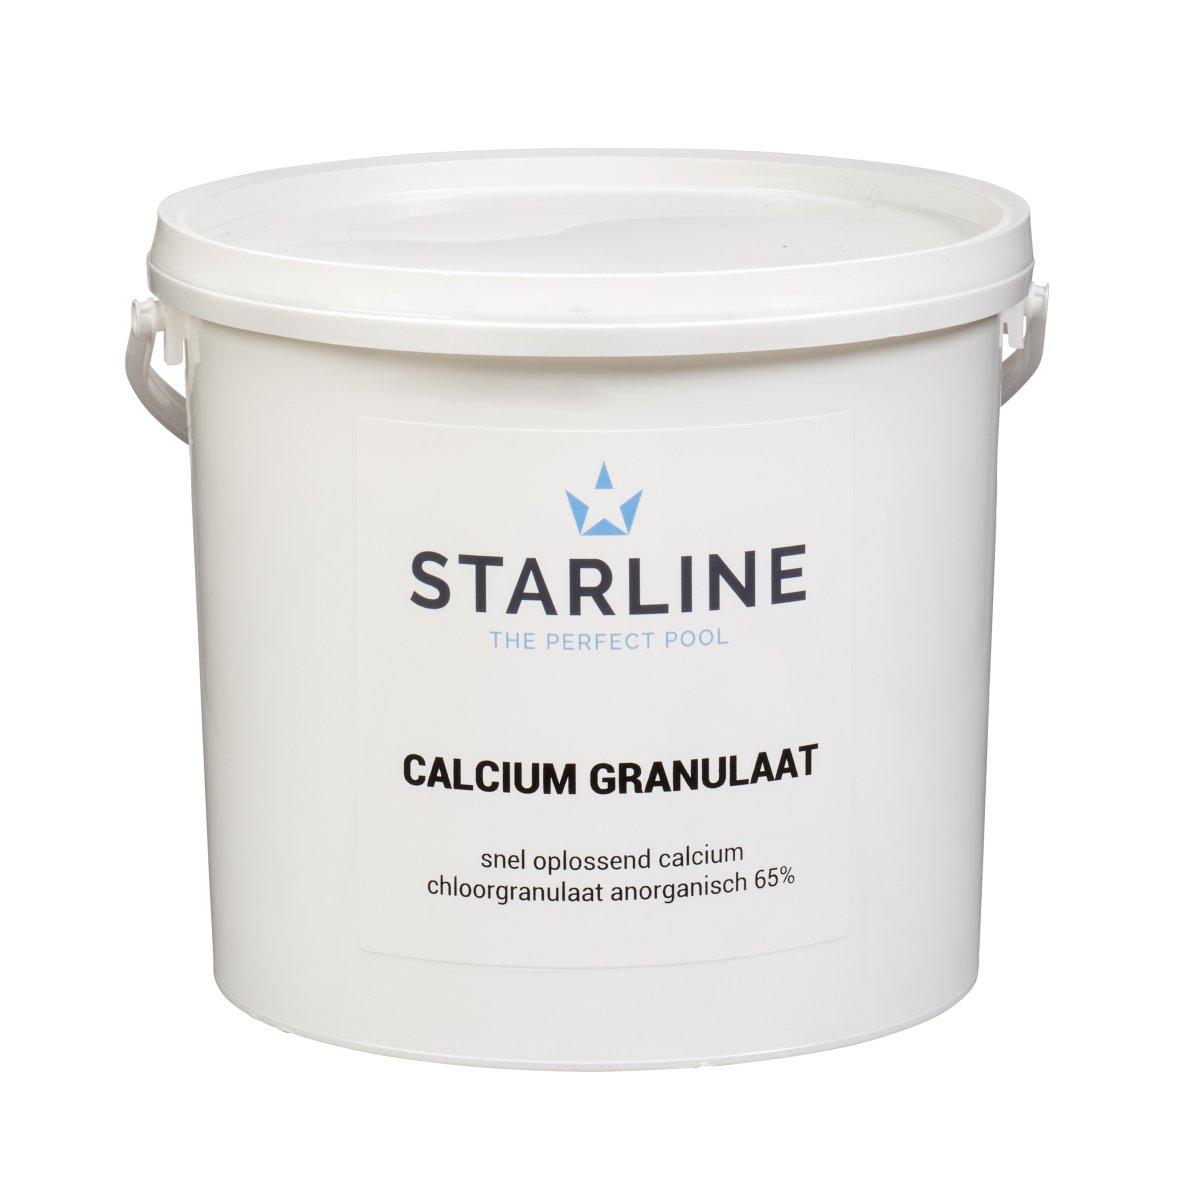 Starline Calcium chloorgranulaat 65% - 5kg